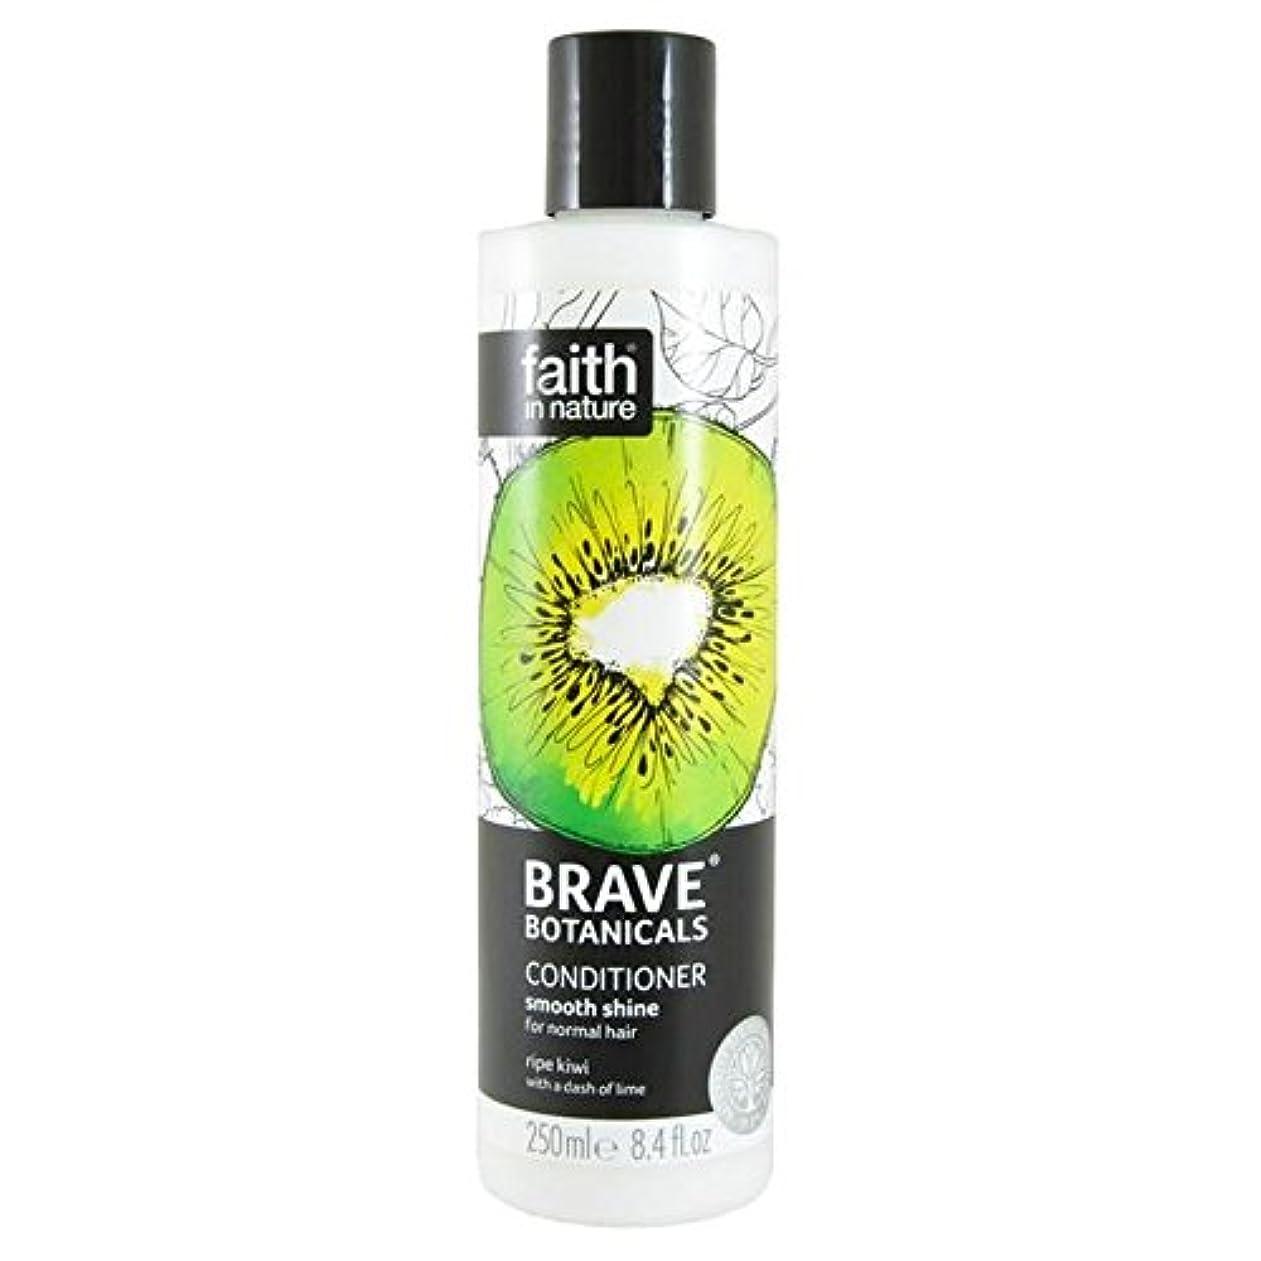 黒板立ち向かうガイダンスBrave Botanicals Kiwi & Lime Smooth Shine Conditioner 250ml (Pack of 4) - (Faith In Nature) 勇敢な植物キウイ&ライムなめらかな輝...